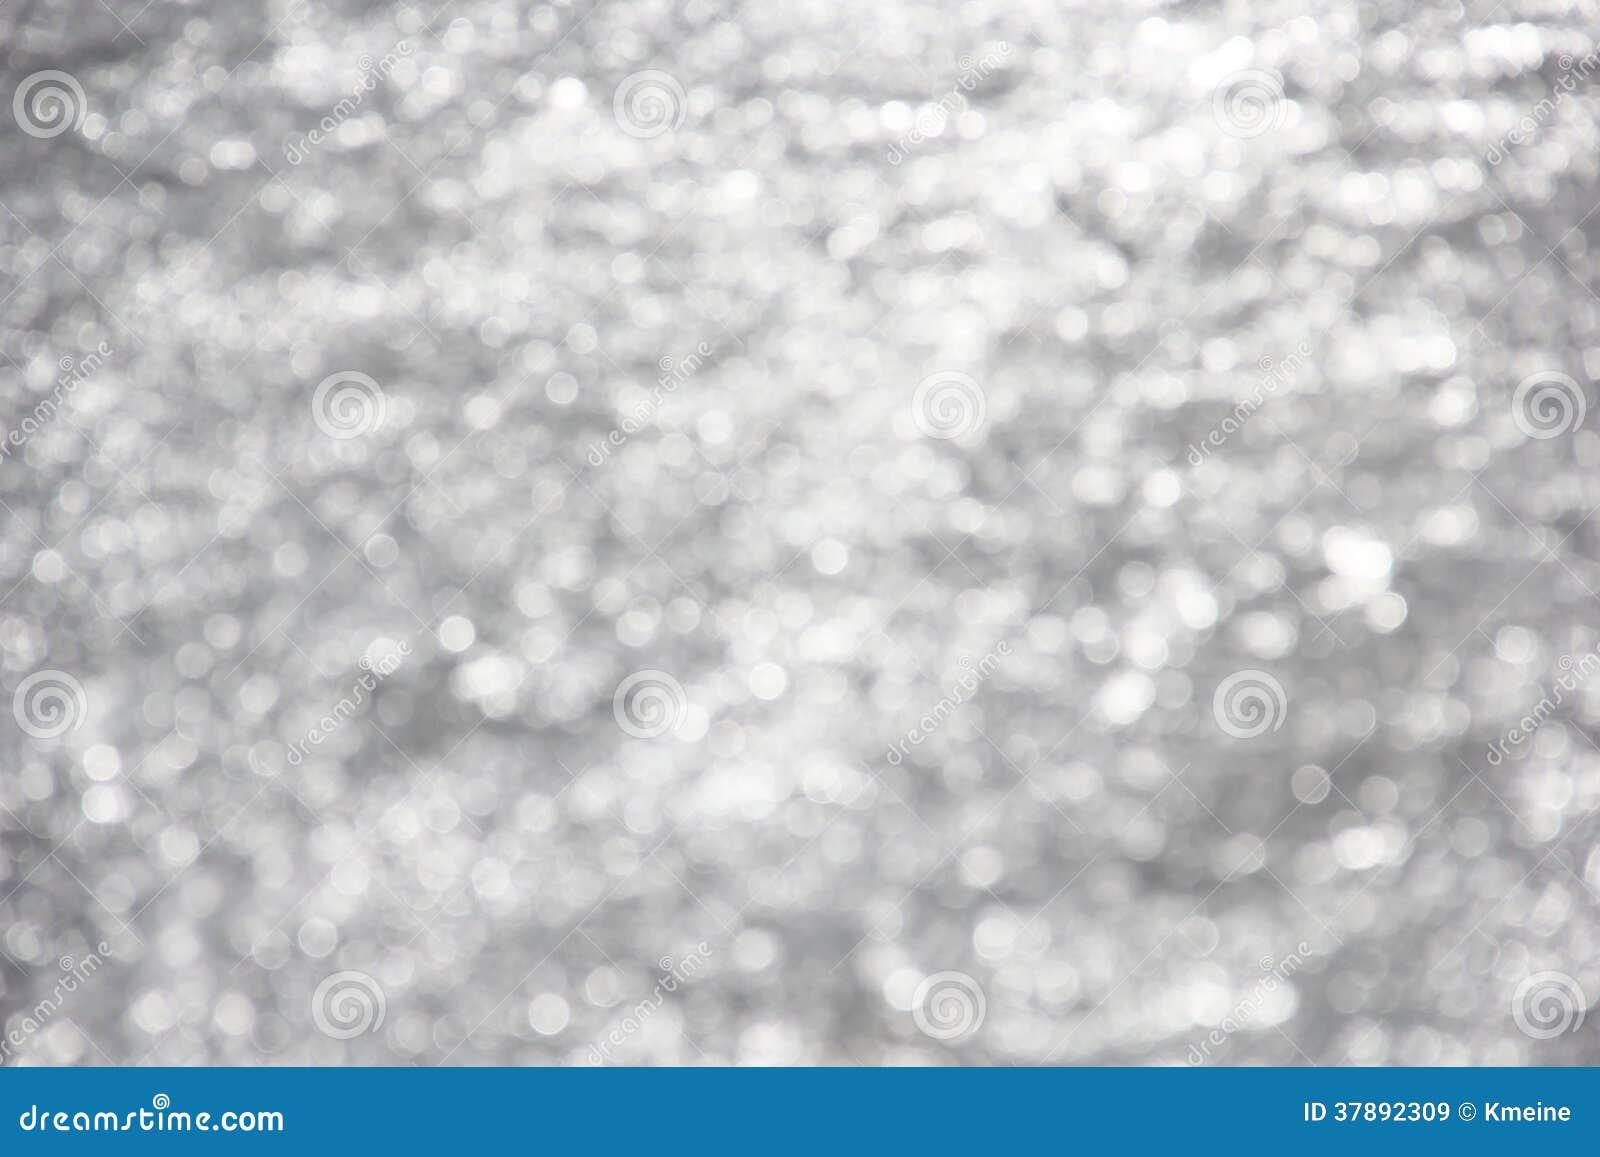 Witte Fonkelingen op Gray Background